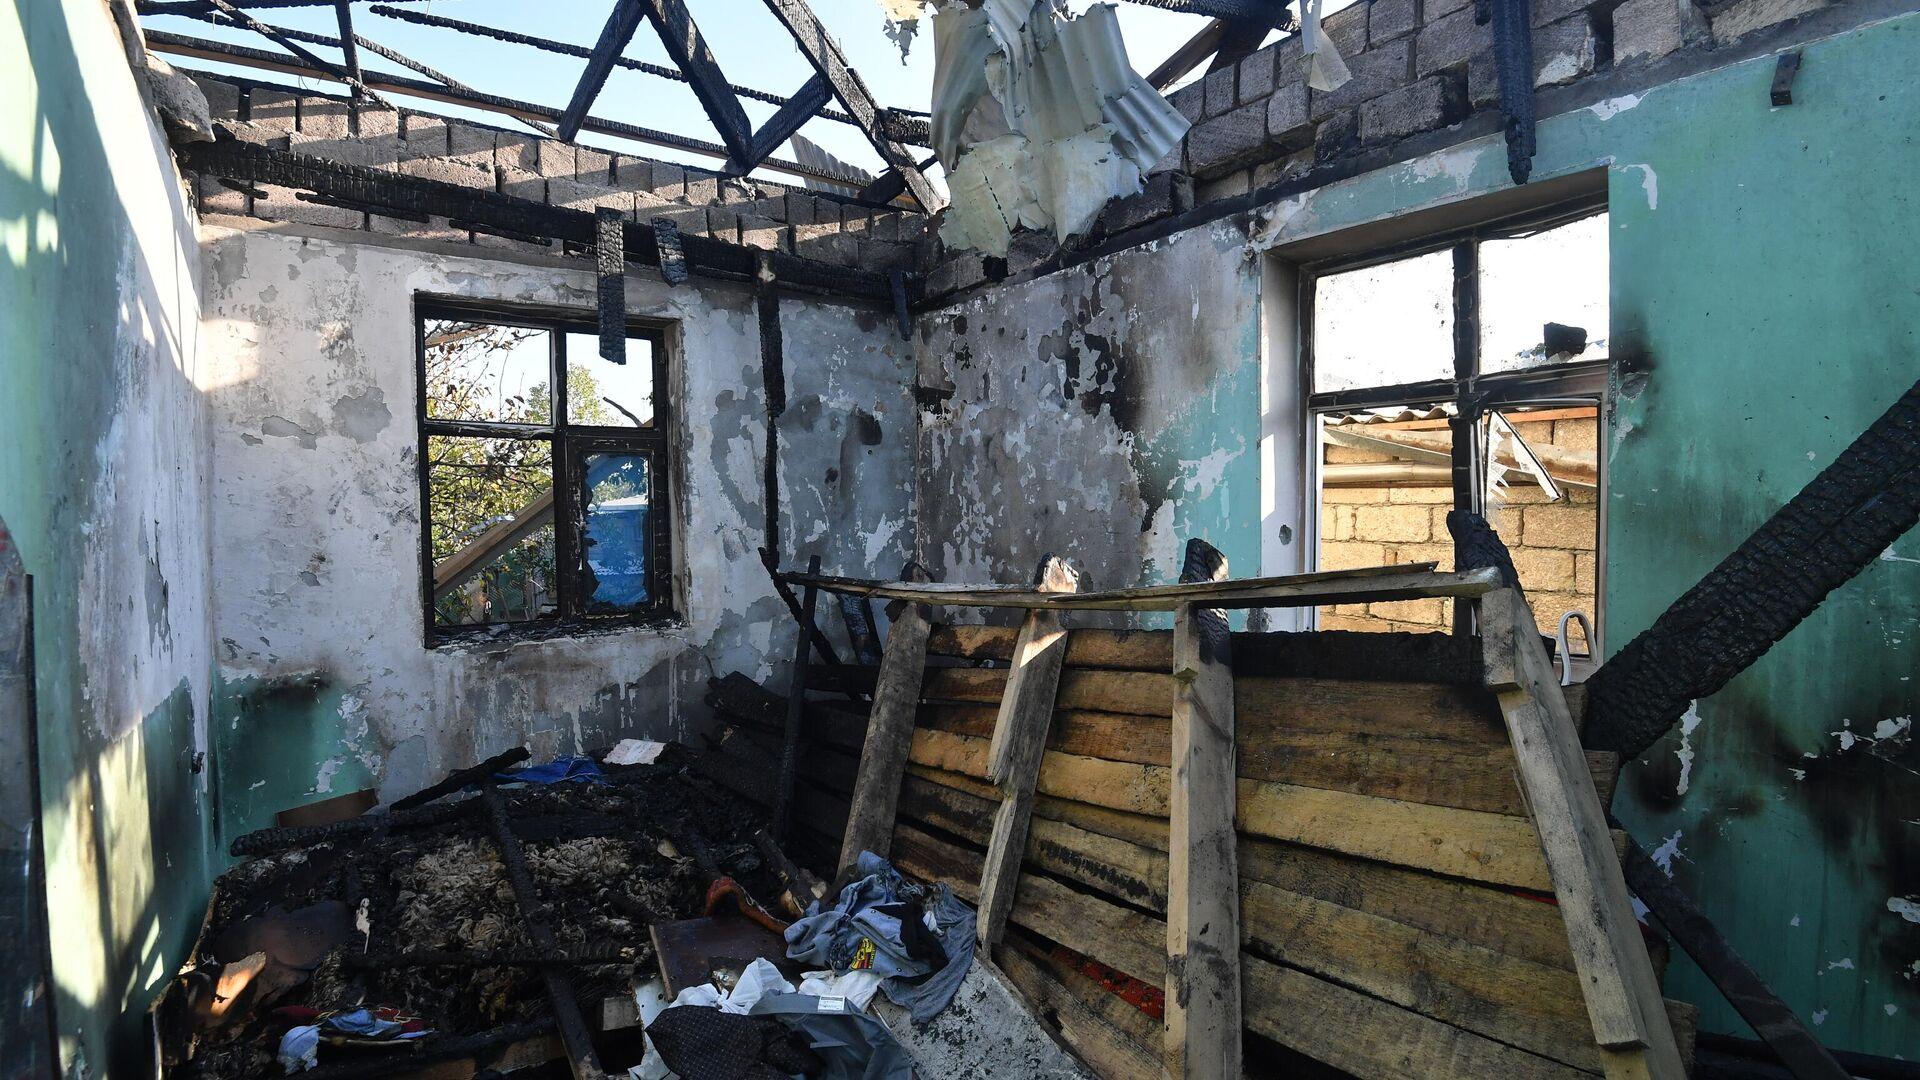 Жилой дом, разрушенный в результате обстрелов в Агдамском районе - РИА Новости, 1920, 14.10.2020